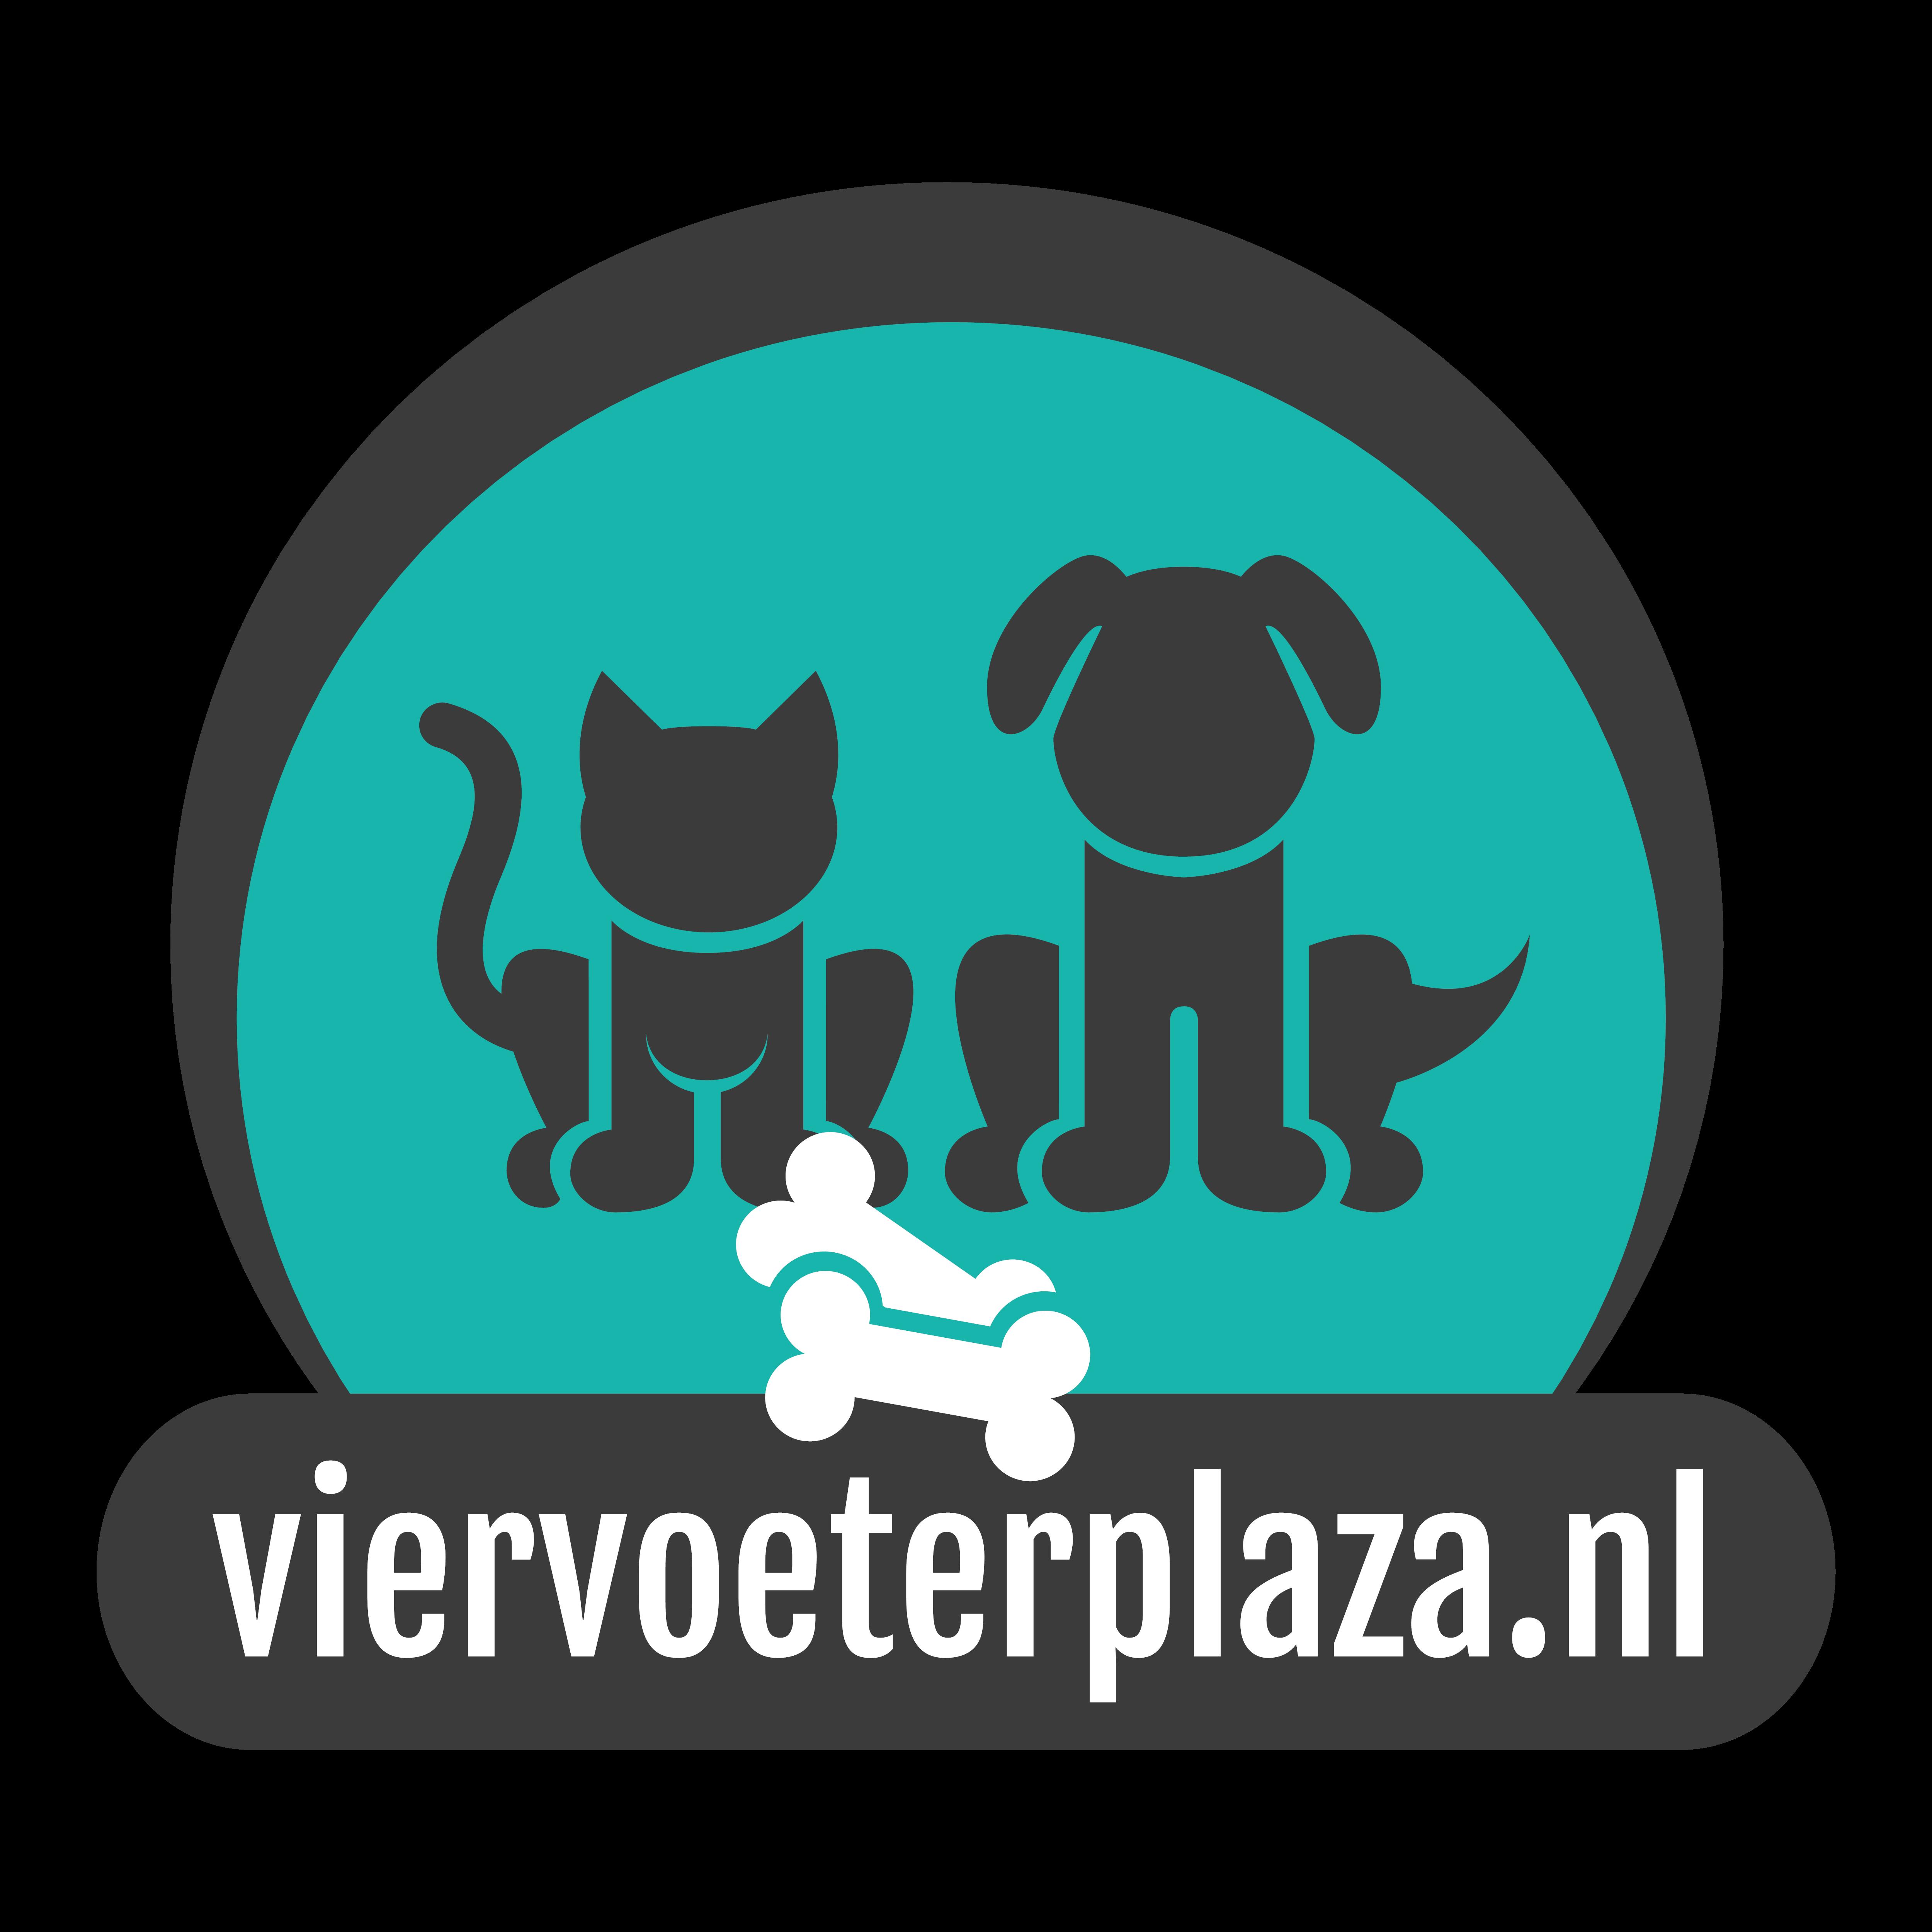 Webshop voor dierenartikelen